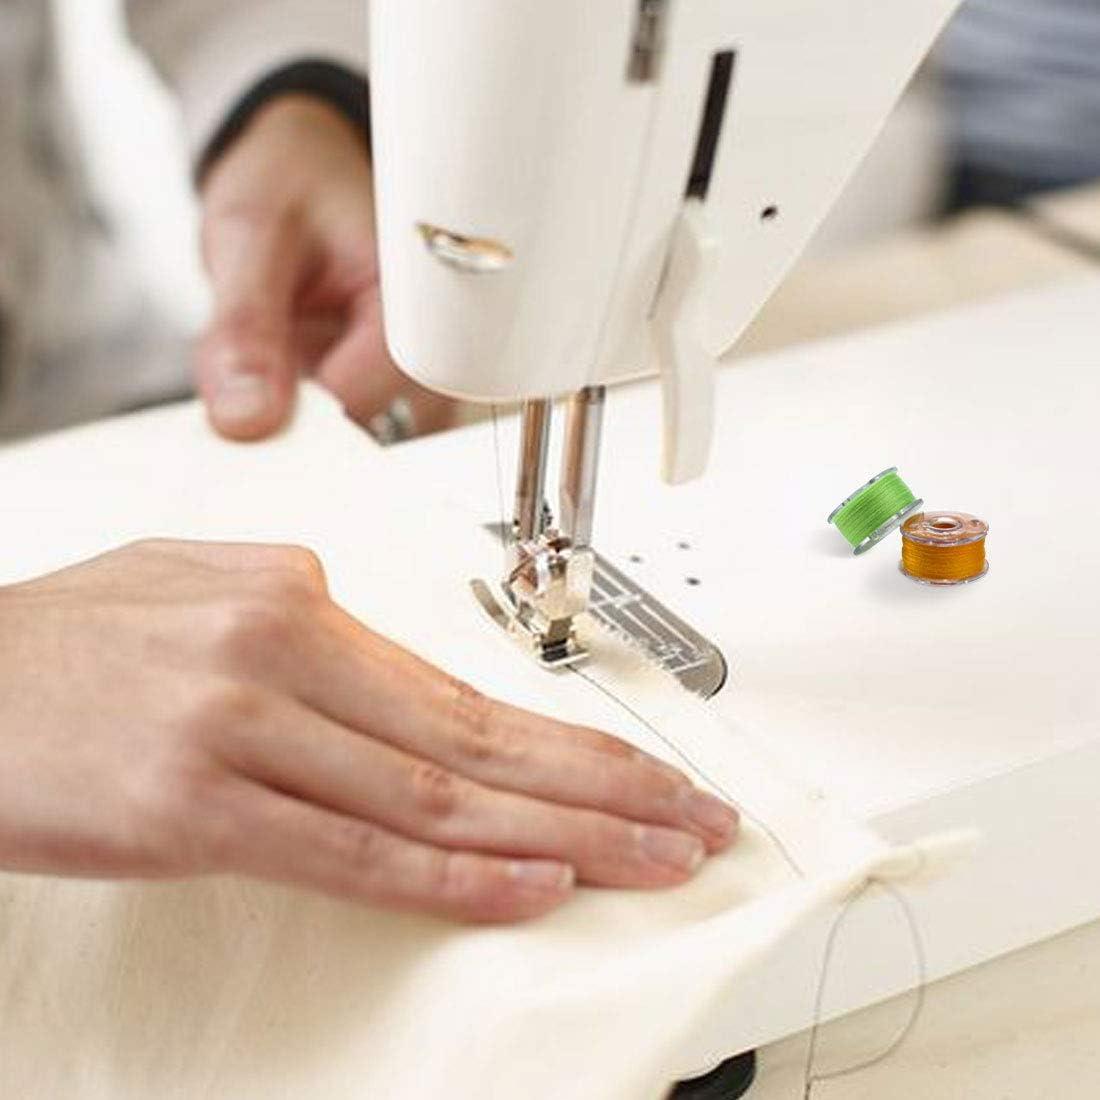 bobinas para m/áquina de coser Bobinas Para M/áquinas De Coser Pl/ásticos Multicolor con Estuche de Almacenamiento transparente Hilos Coser Maquina hilo de coser colorido